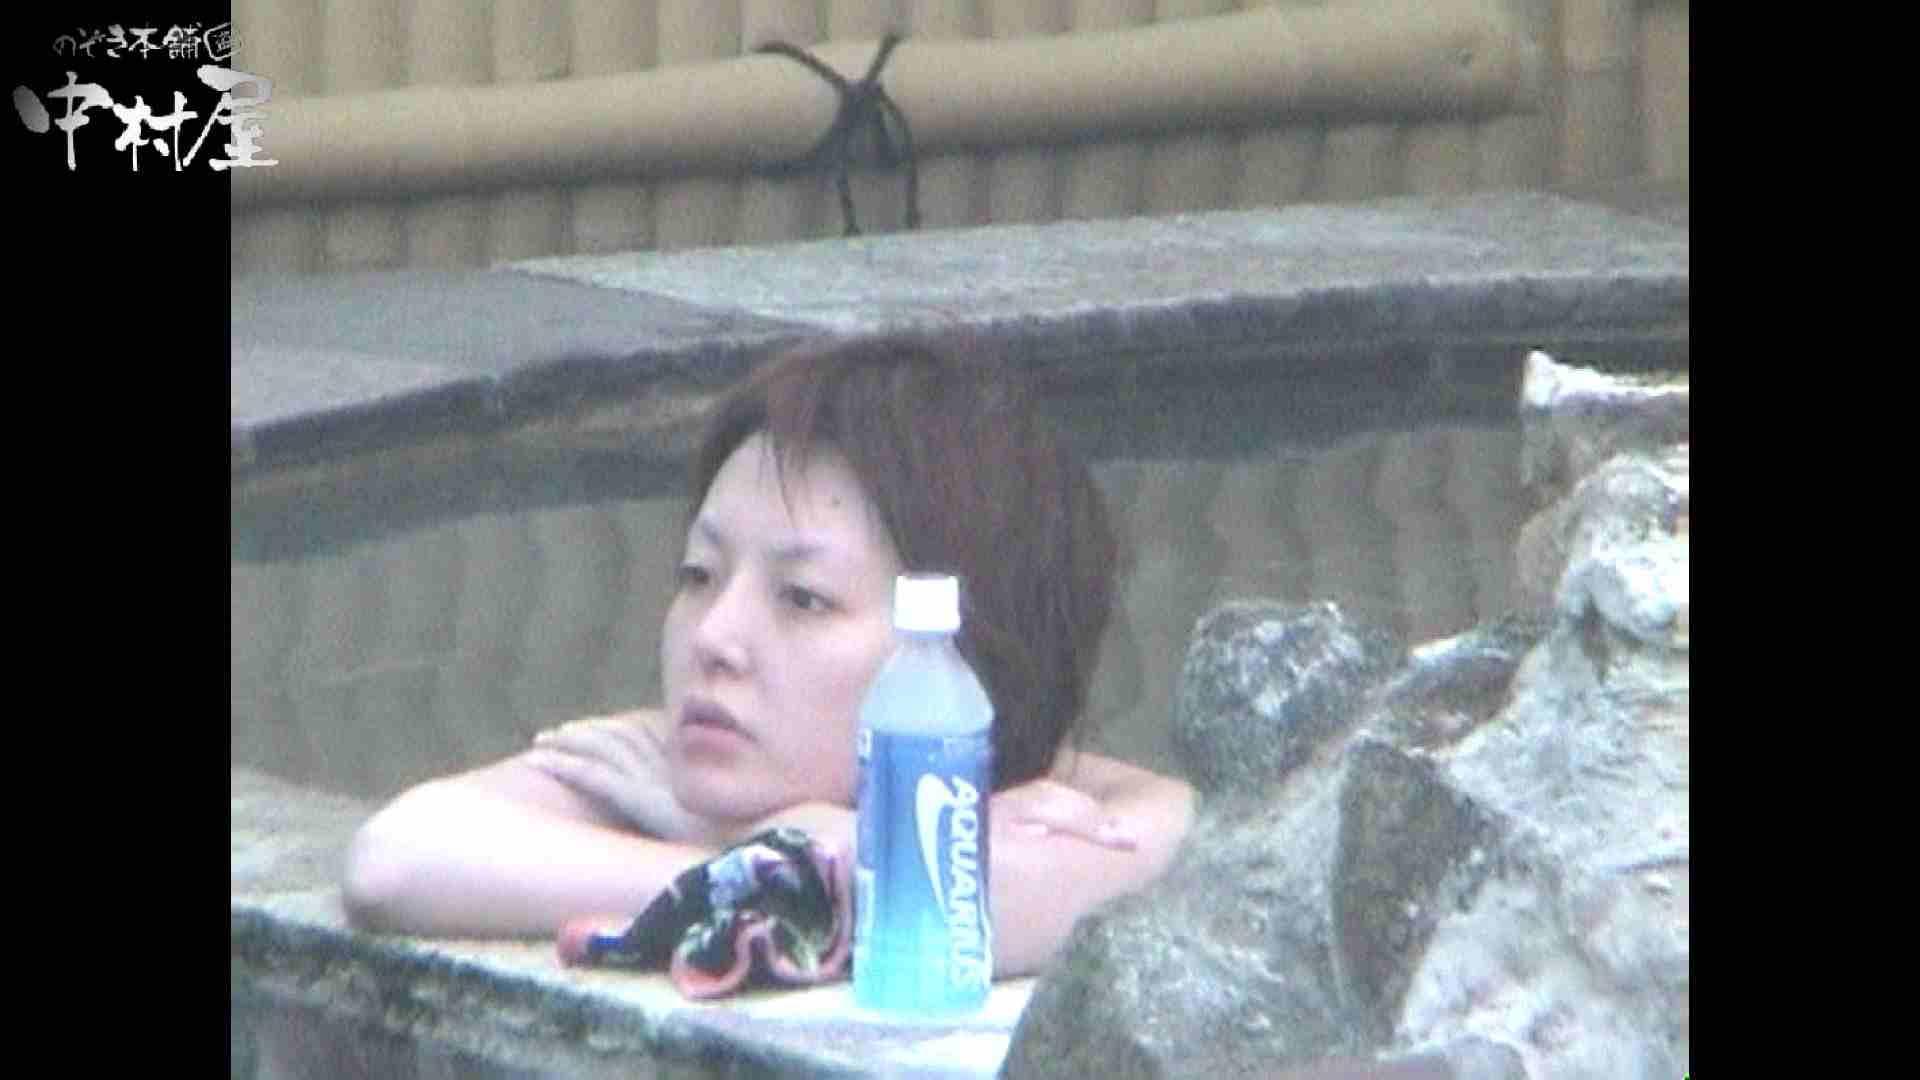 Aquaな露天風呂Vol.959 女体盗撮 | 露天  101連発 43